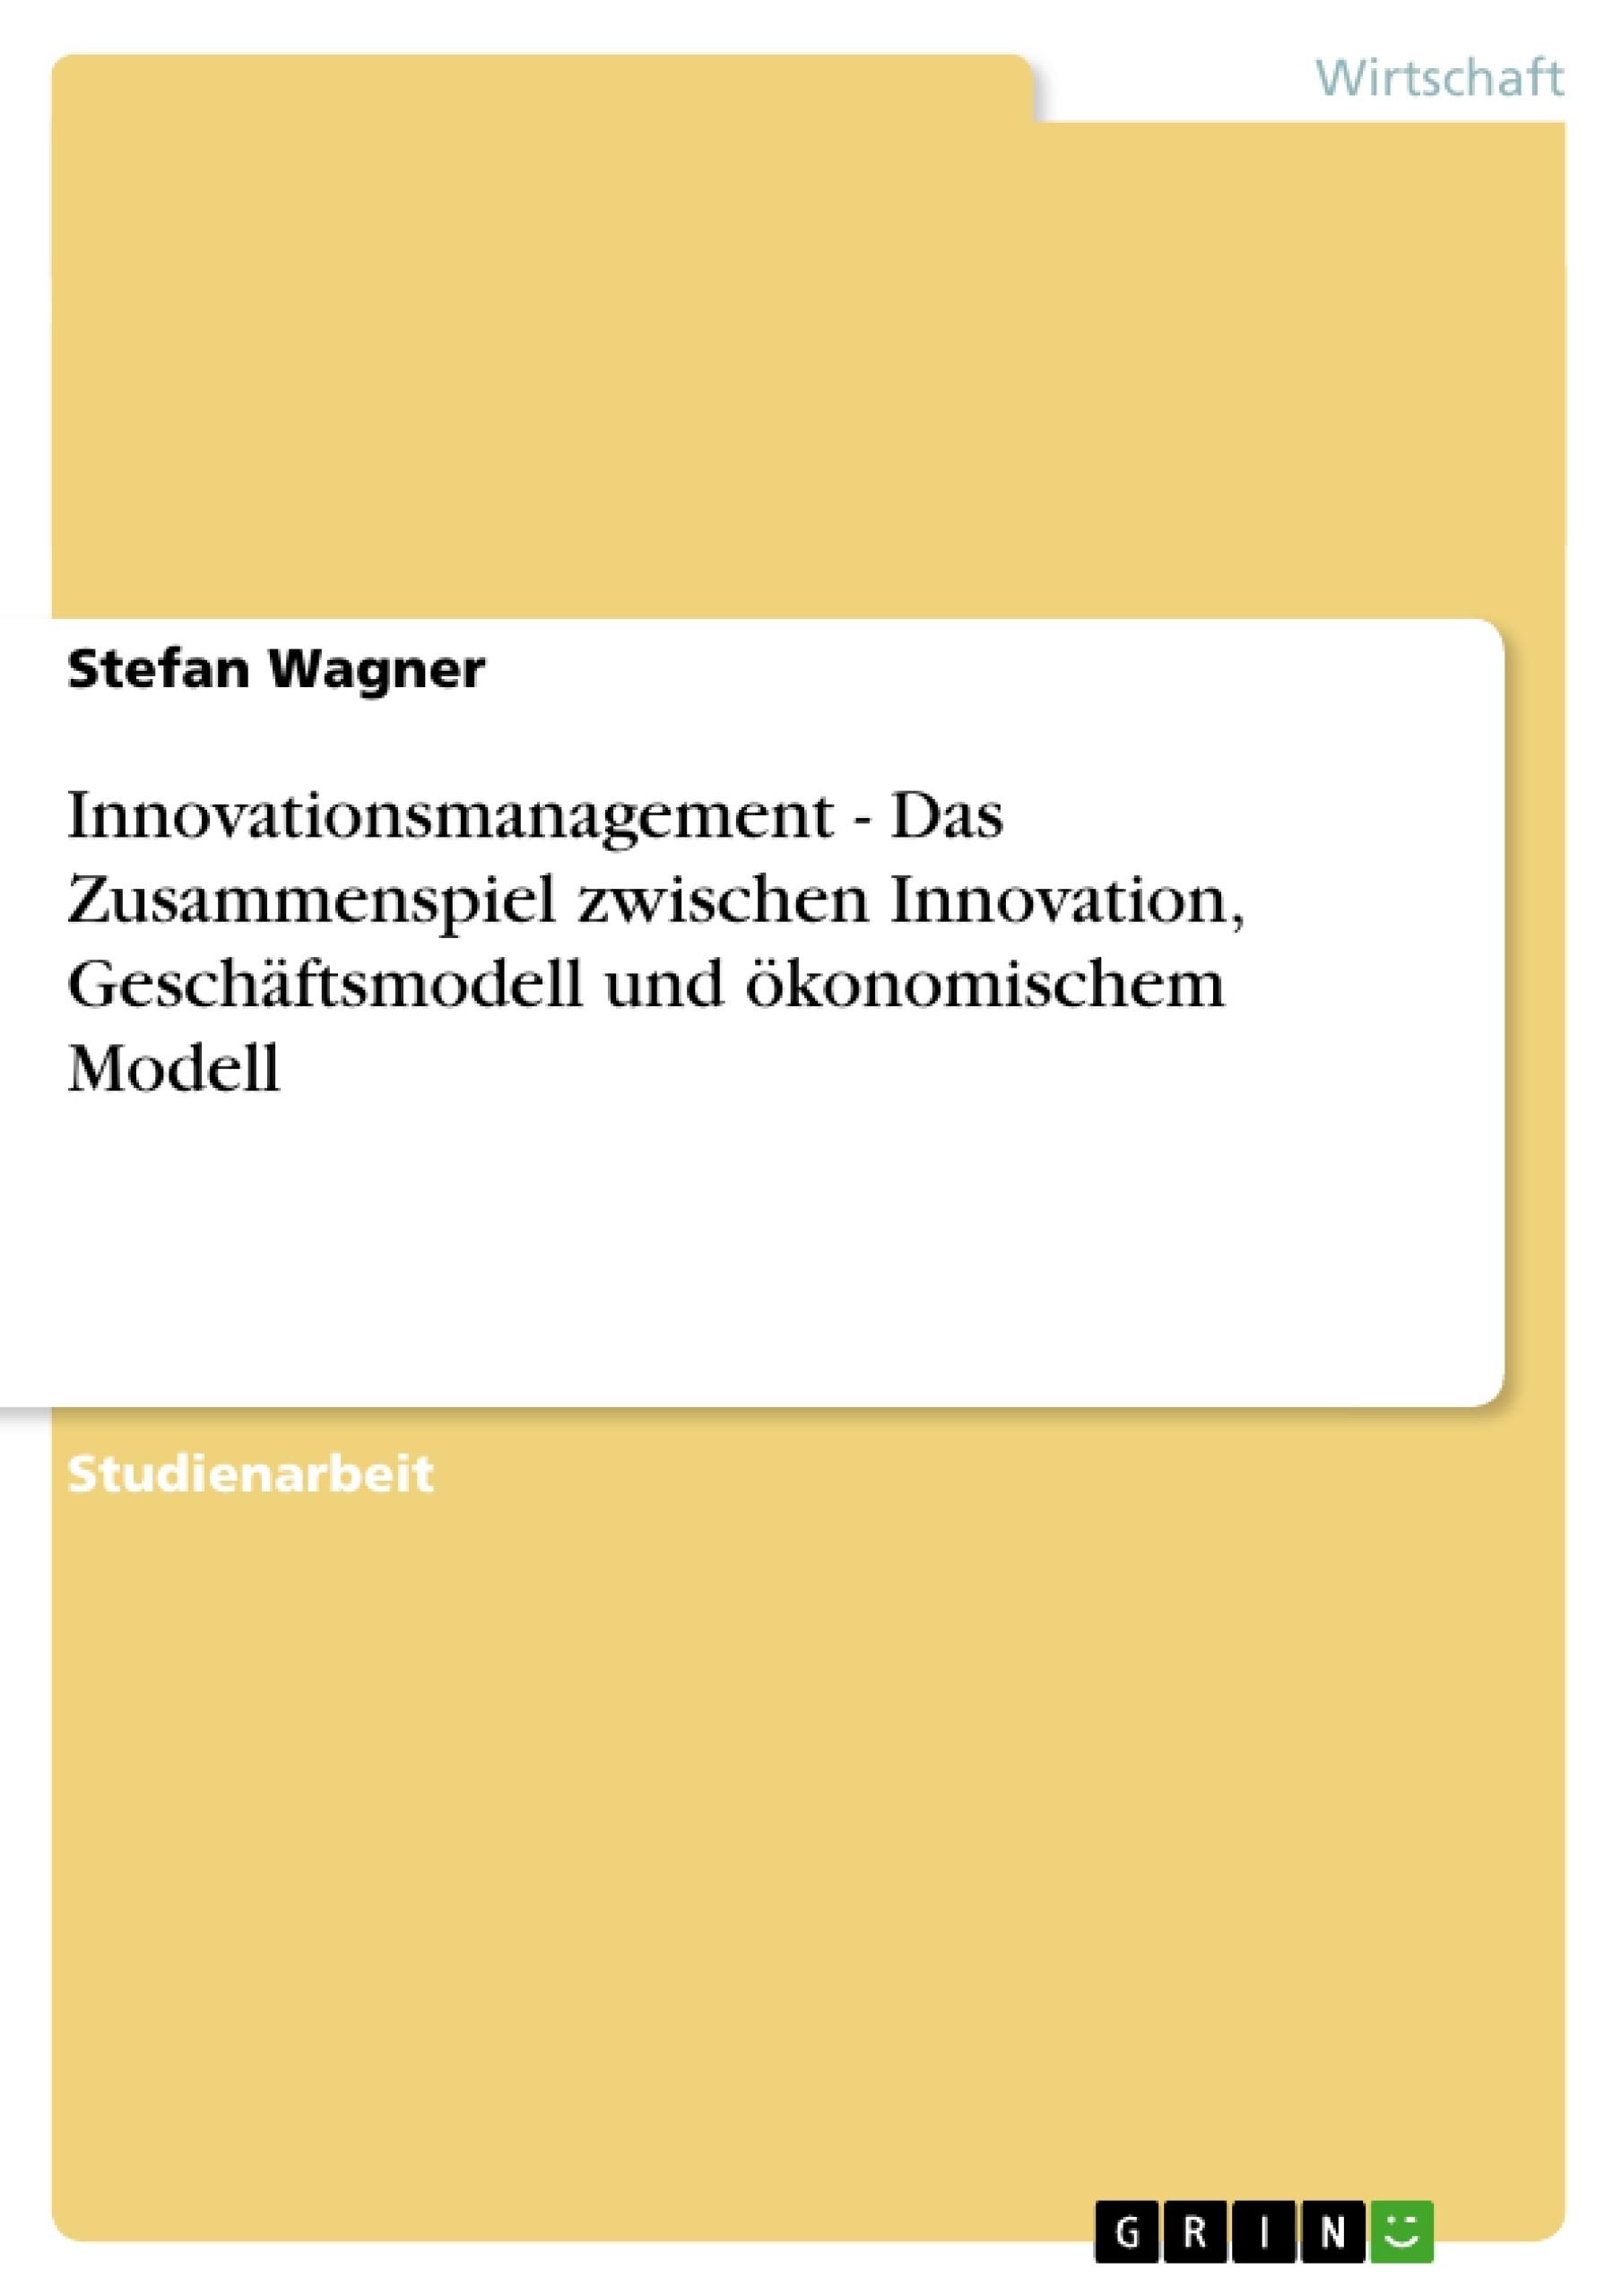 Titel: Innovationsmanagement - Das Zusammenspiel zwischen Innovation, Geschäftsmodell und ökonomischem Modell